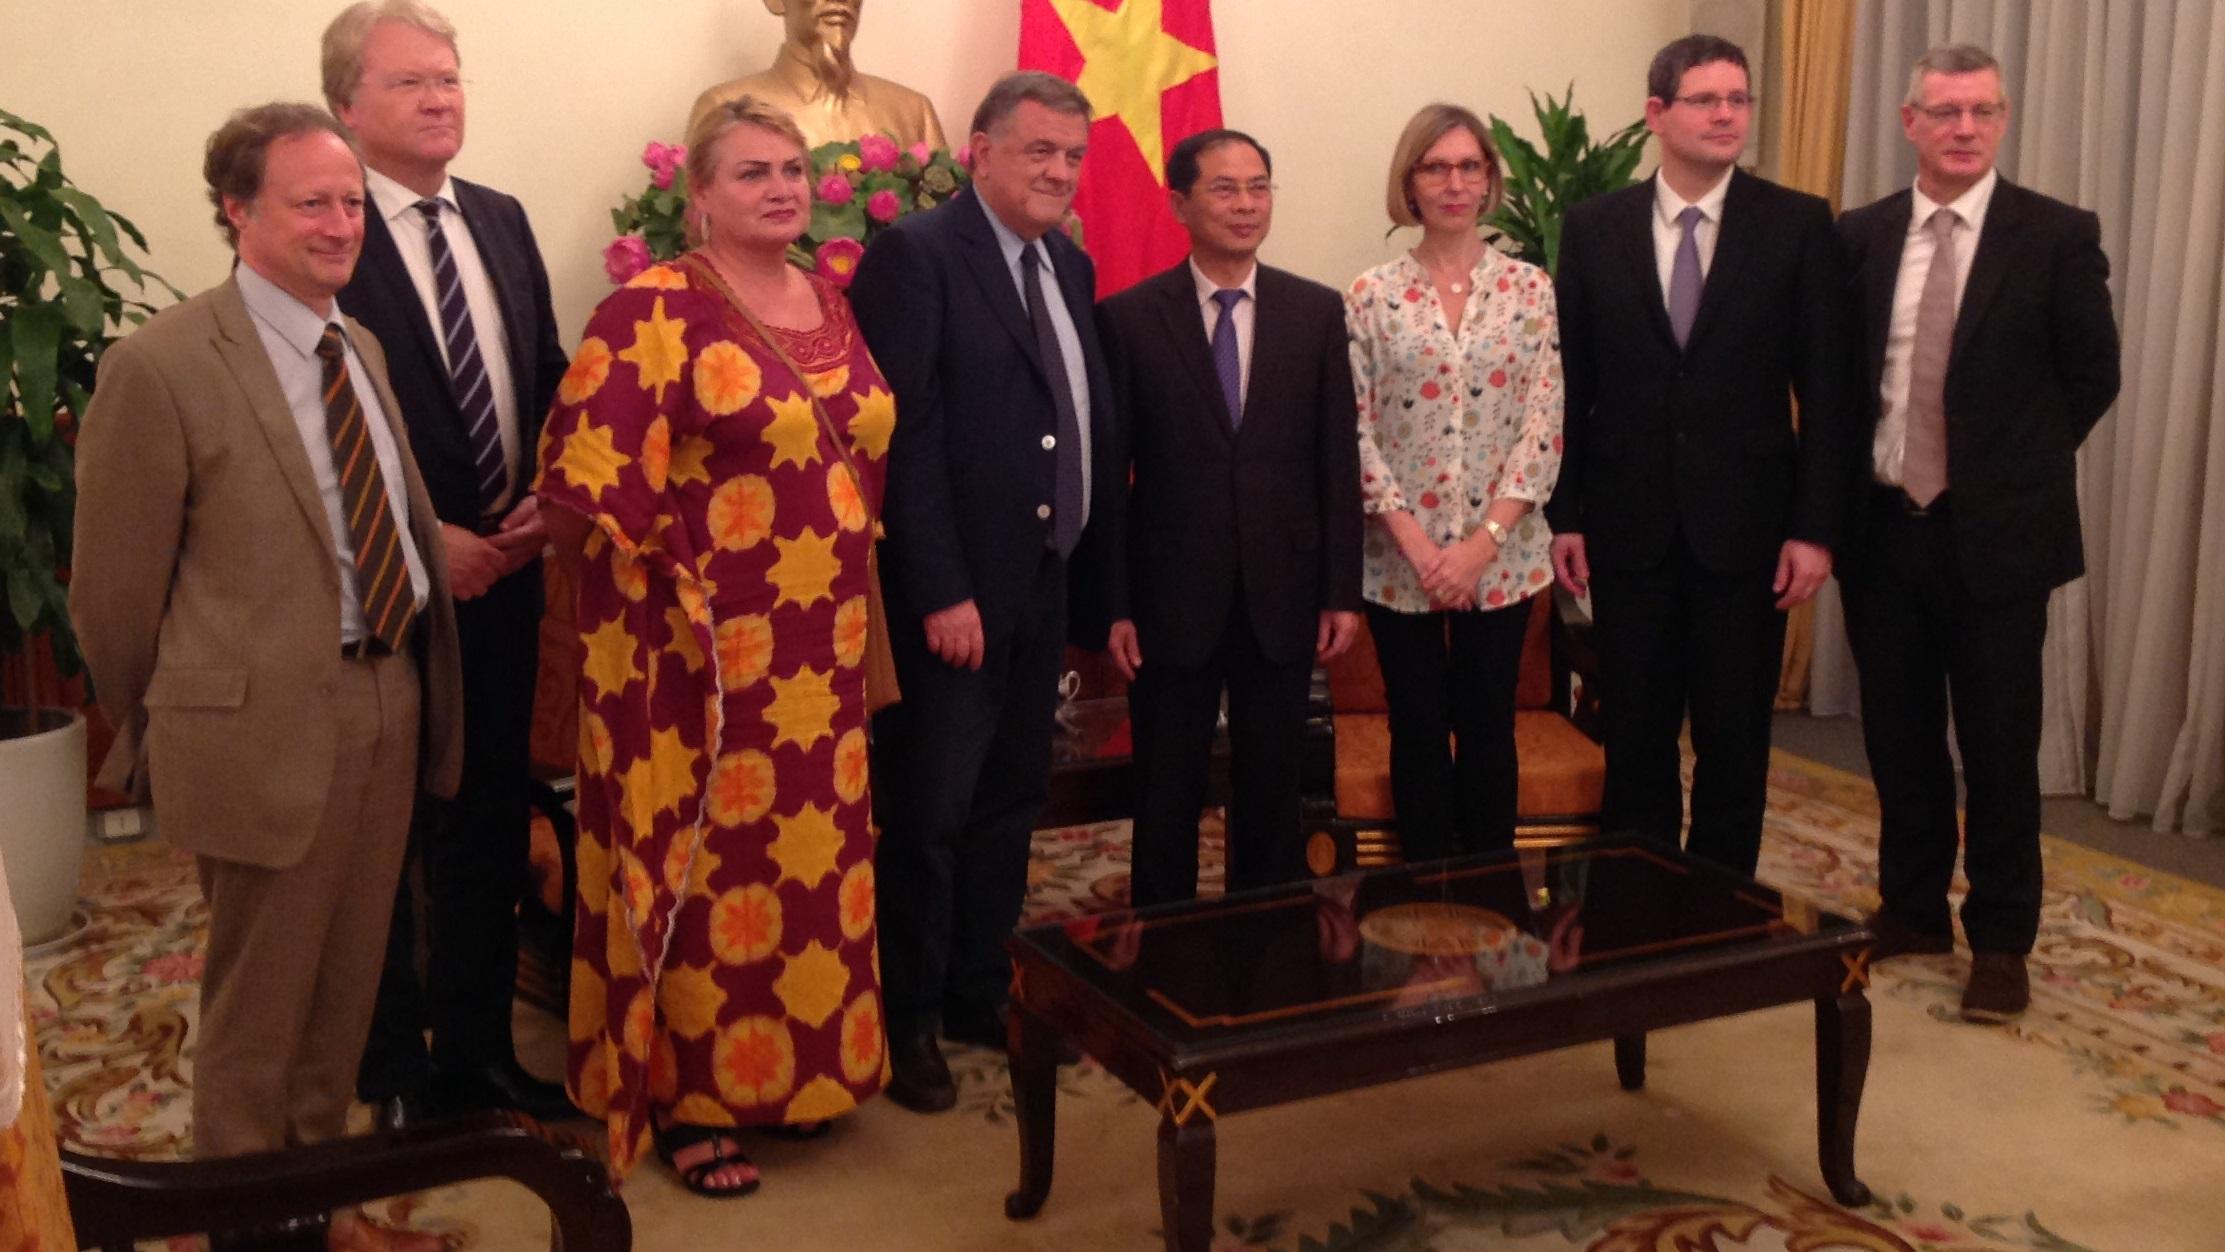 Nghị sĩ Panzeri nói Liên Âu khó ký thương ước với Việt Nam vì những vi phạm nhân quyền